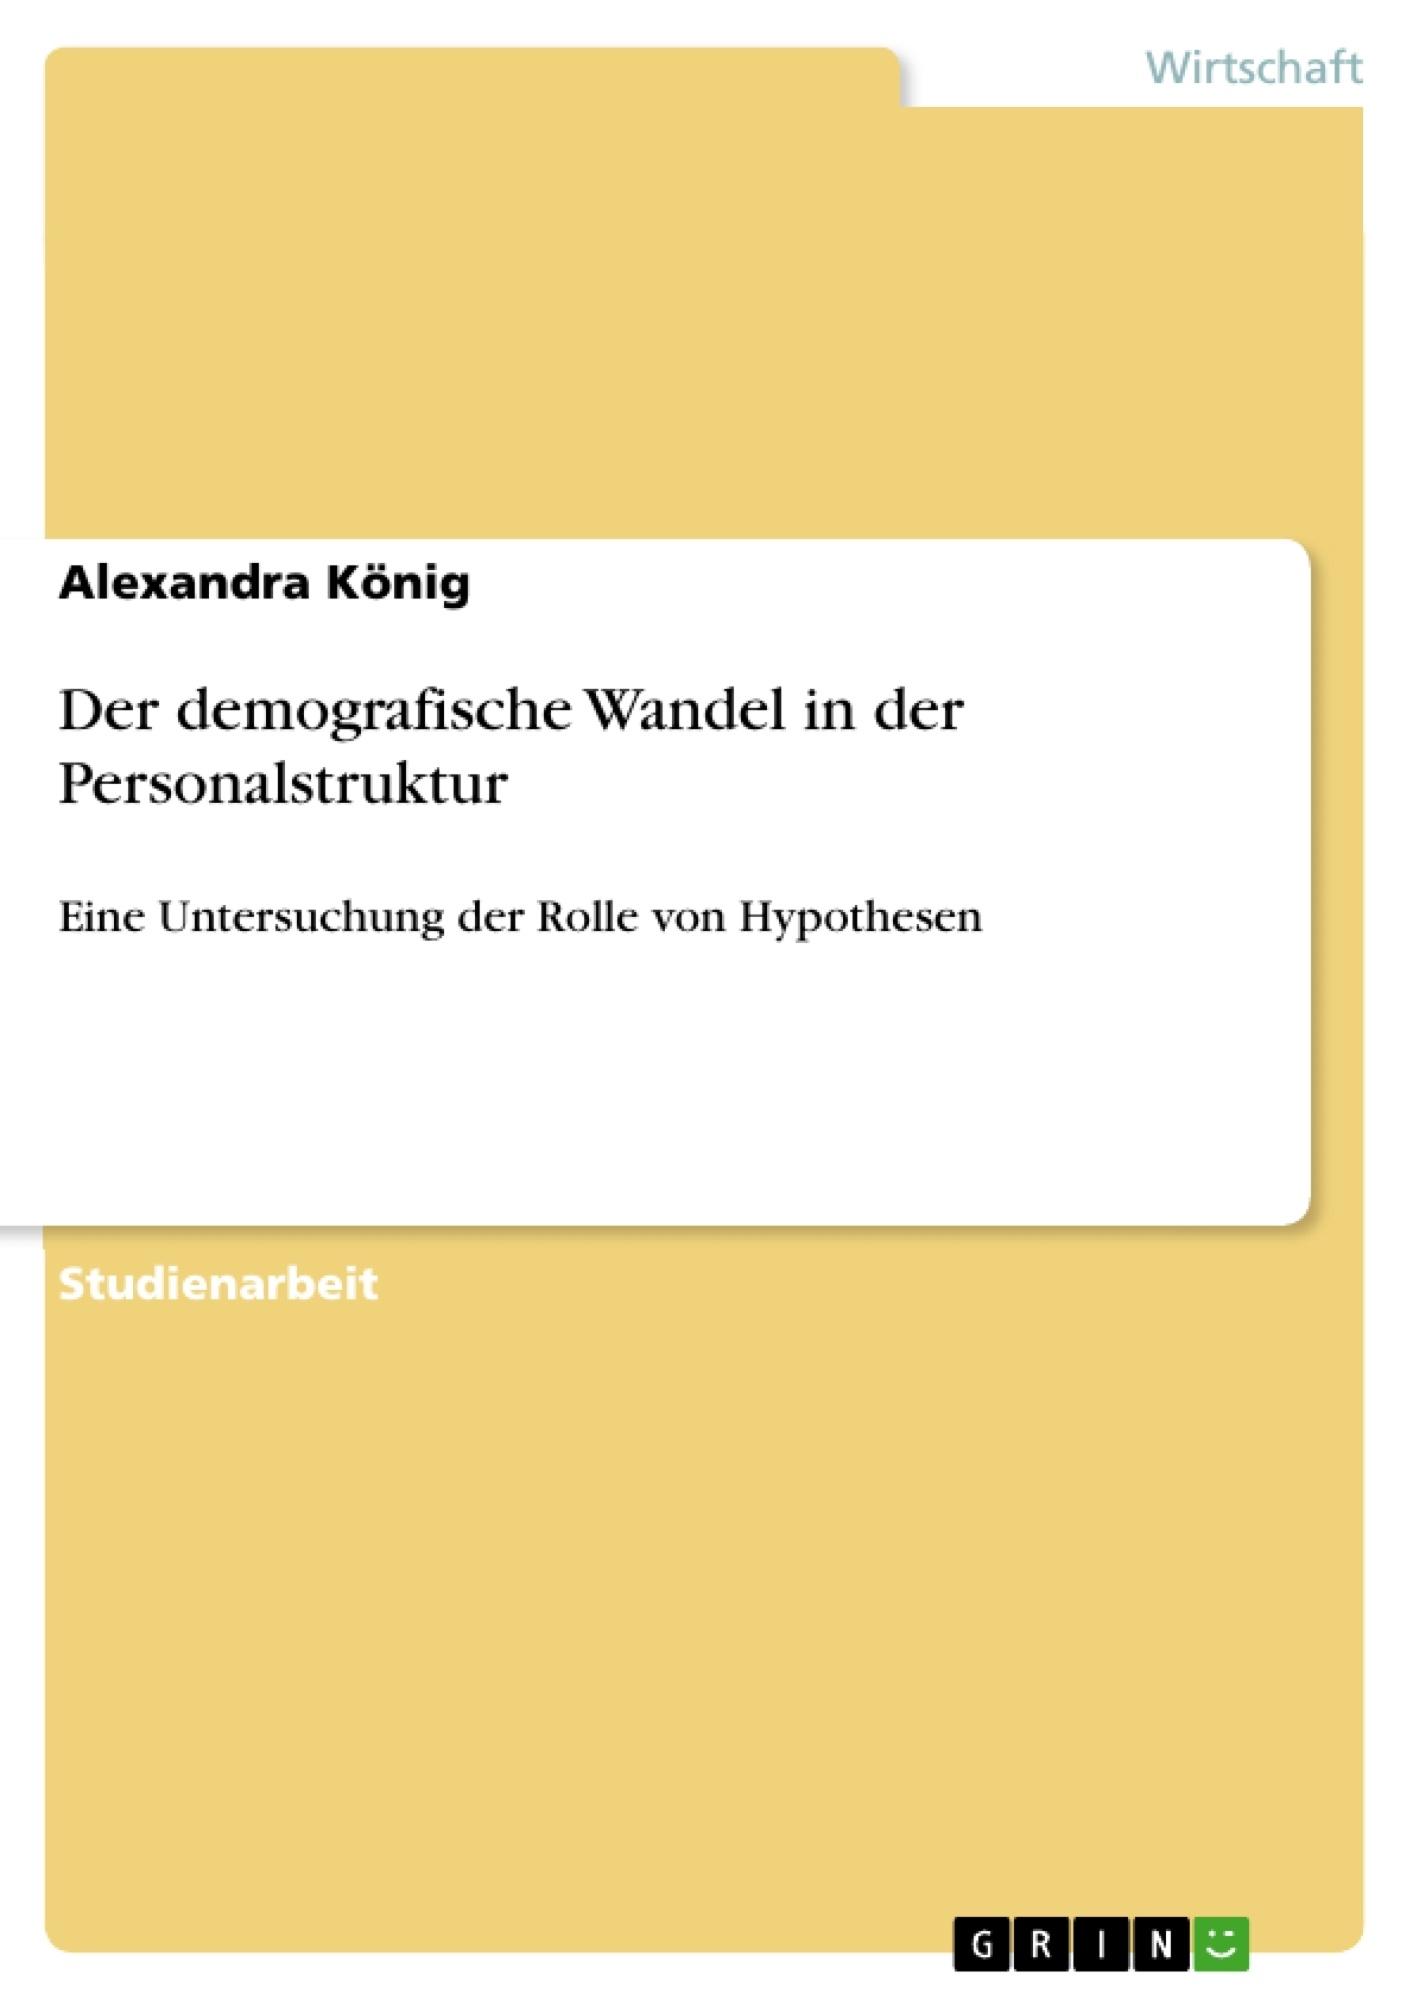 Titel: Der demografische Wandel in der Personalstruktur